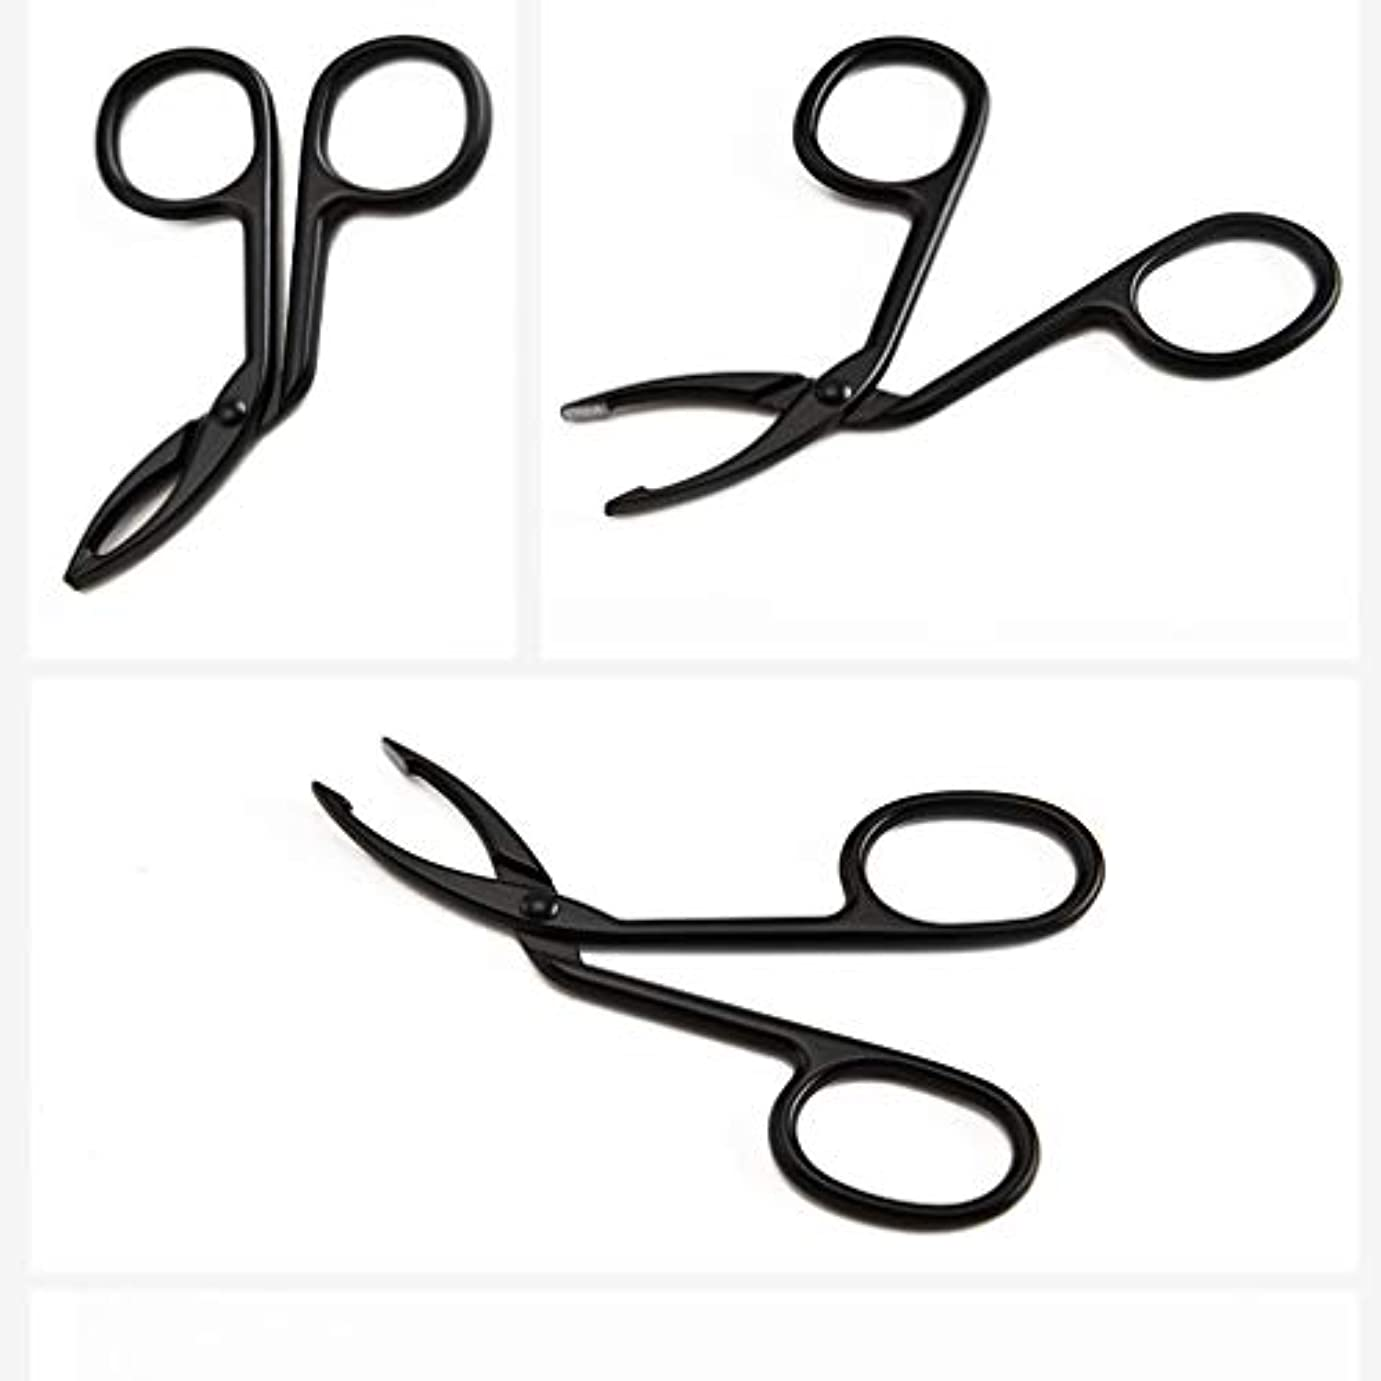 保証核事実LUXWELL(ラクスウェル)眉毛ピンセットアイブロウ ピンセットクリップ 毛抜き まゆ毛ピンセット 人気の 化粧工具 クリップ